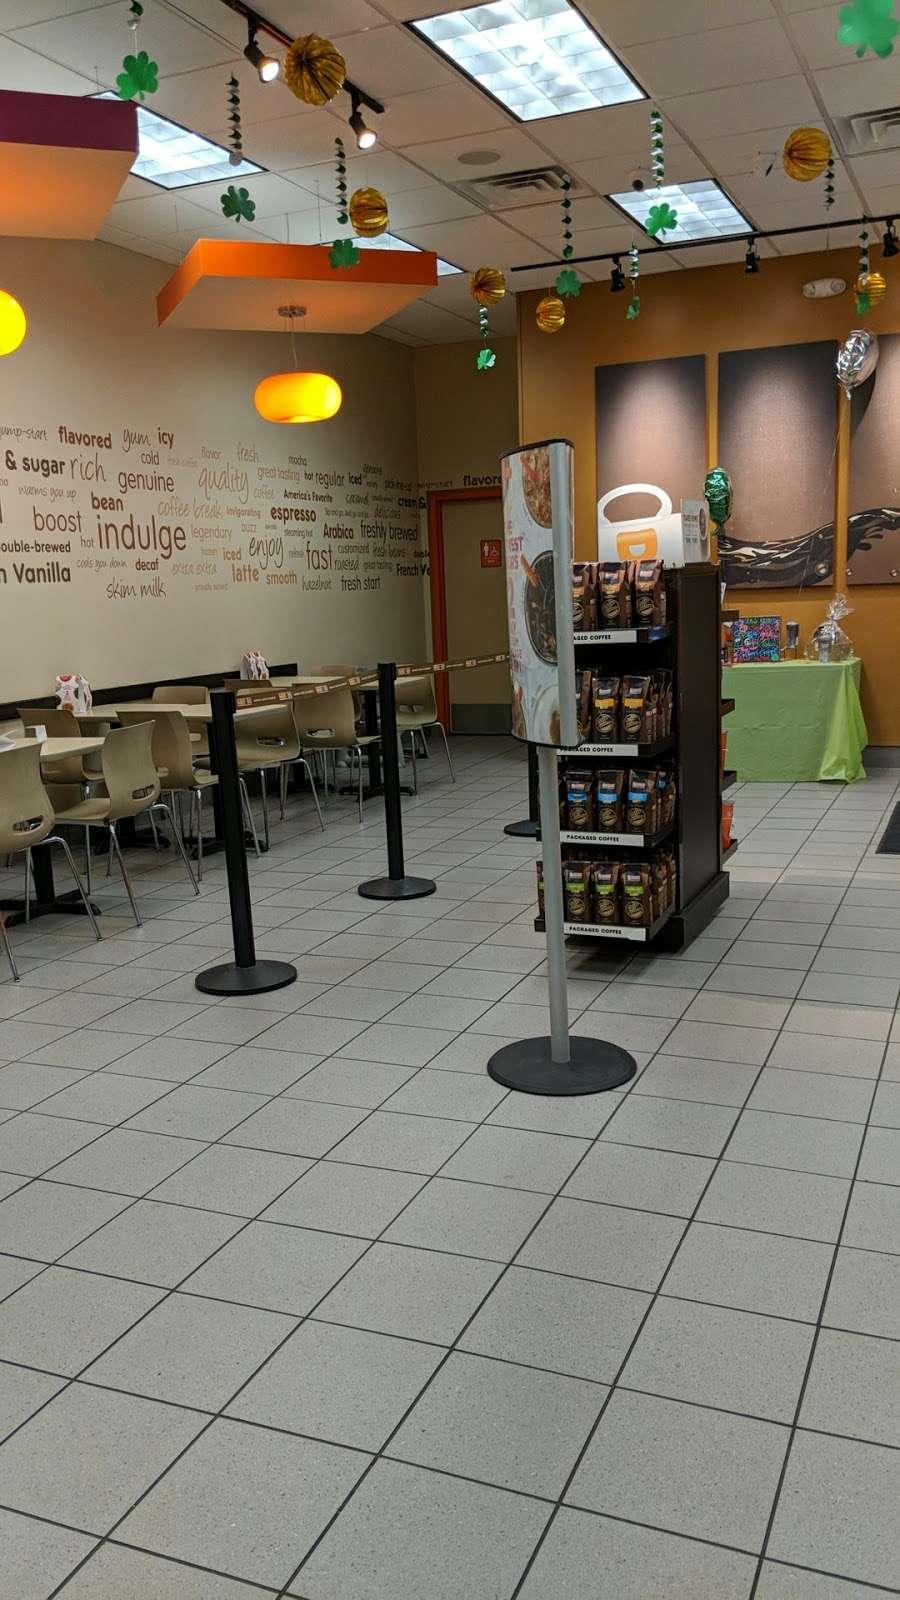 Dunkin Donuts - cafe  | Photo 10 of 10 | Address: 1039 US-46, Ledgewood, NJ 07852, USA | Phone: (973) 927-1044